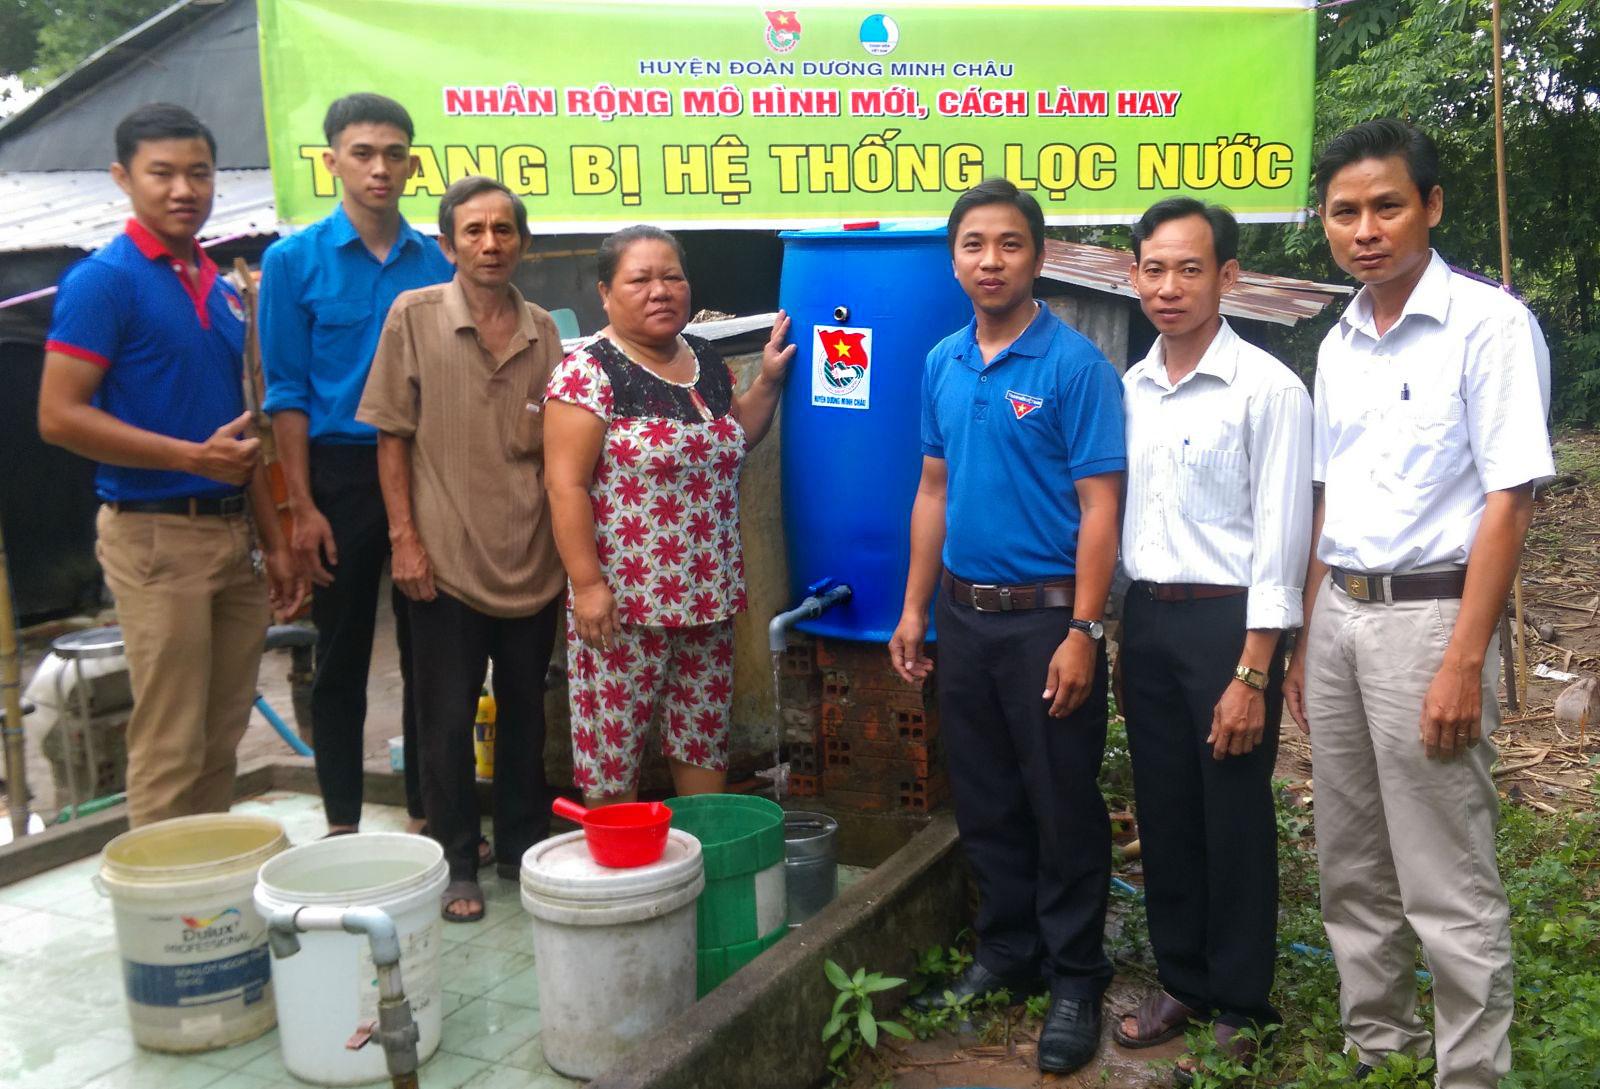 Đoàn thanh niên hỗ trợ xử lý nước sạch cho dân nghèo